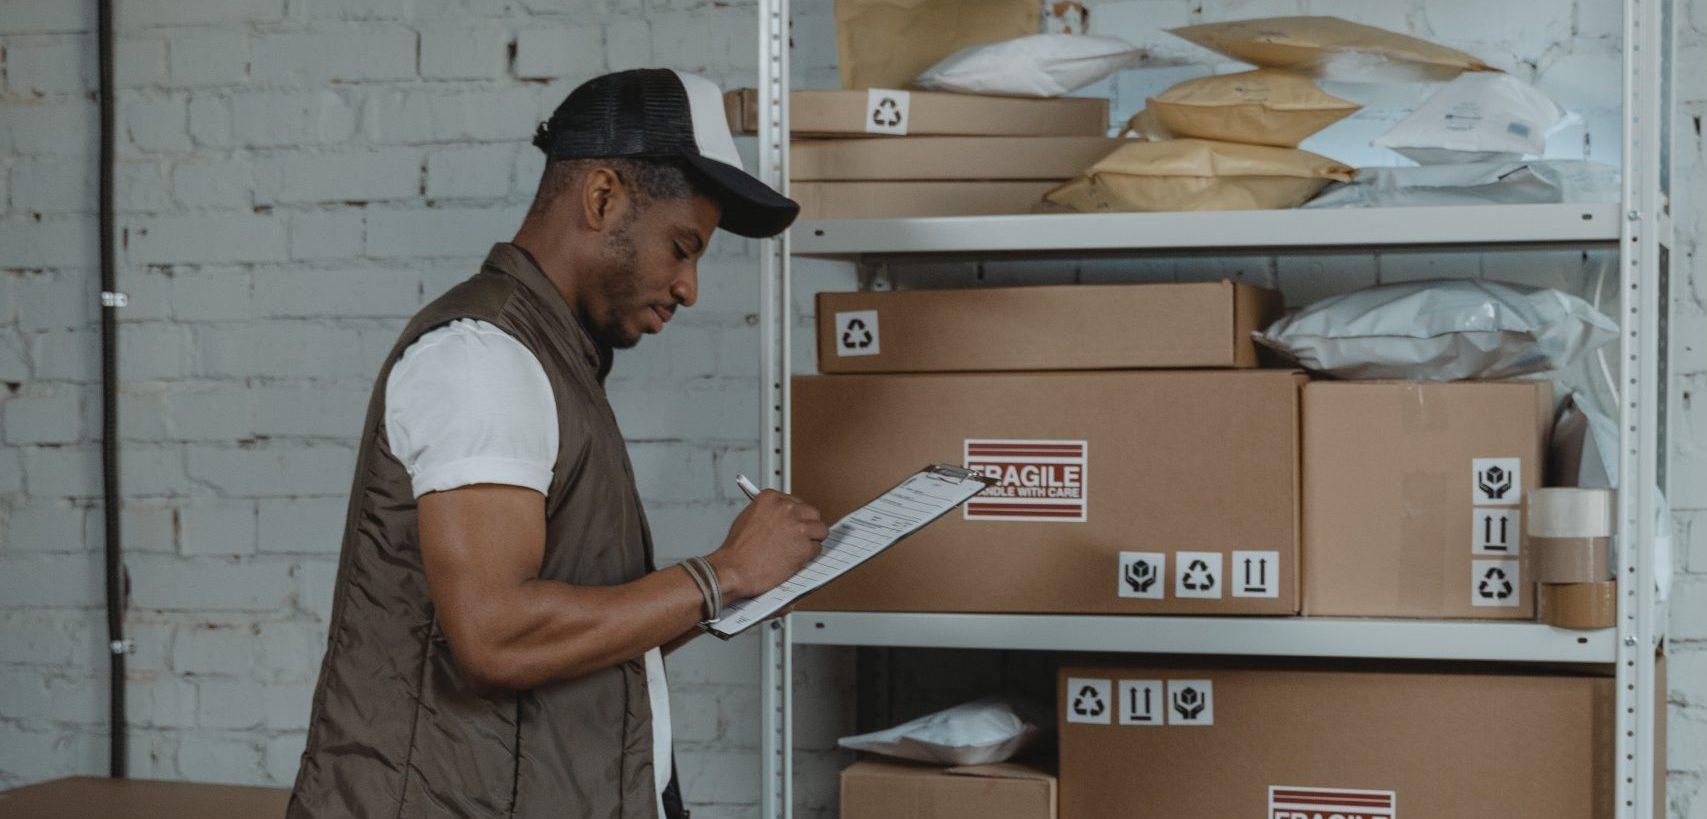 Man taking inventory